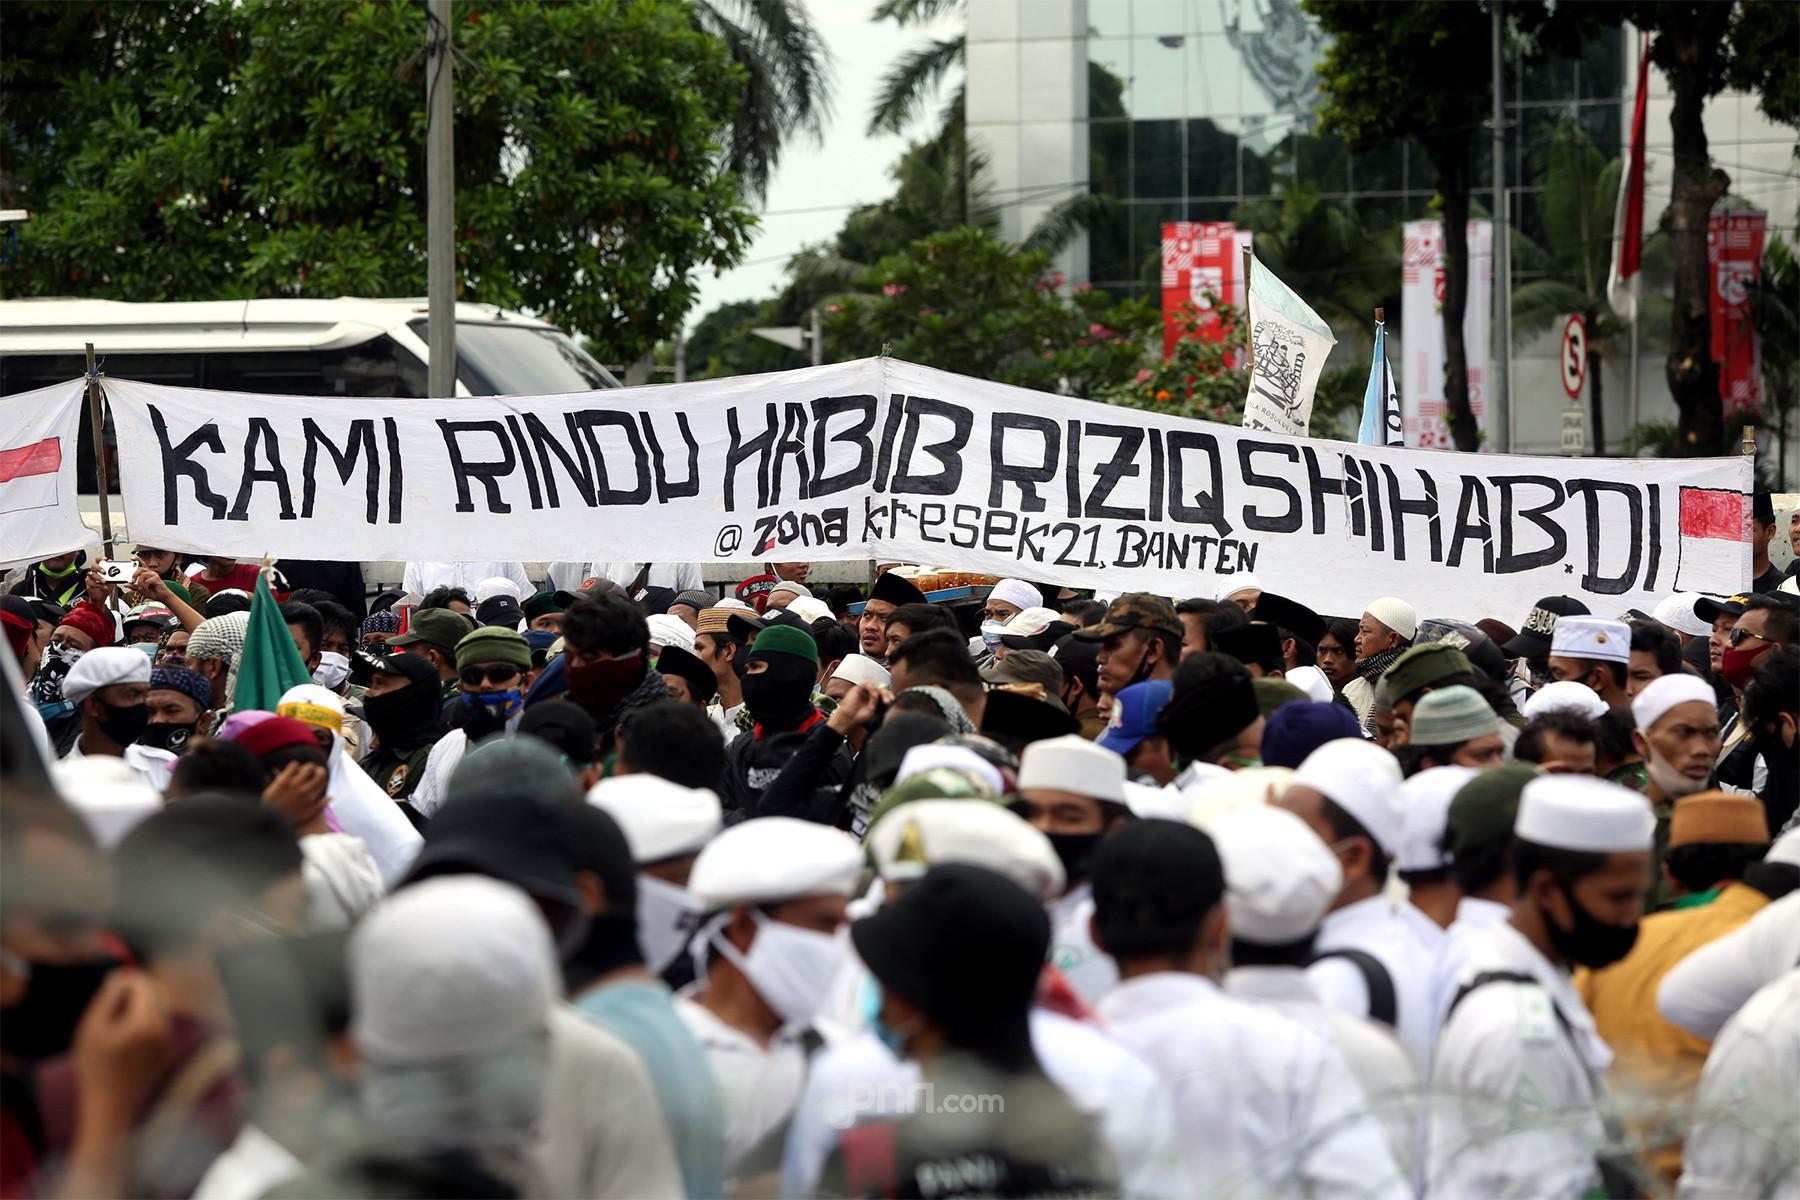 5 Berita Terpopuler: Demo FPI, Adian Lebih Bijak dari Prabowo, Grup WA KAMI Bikin Kaget